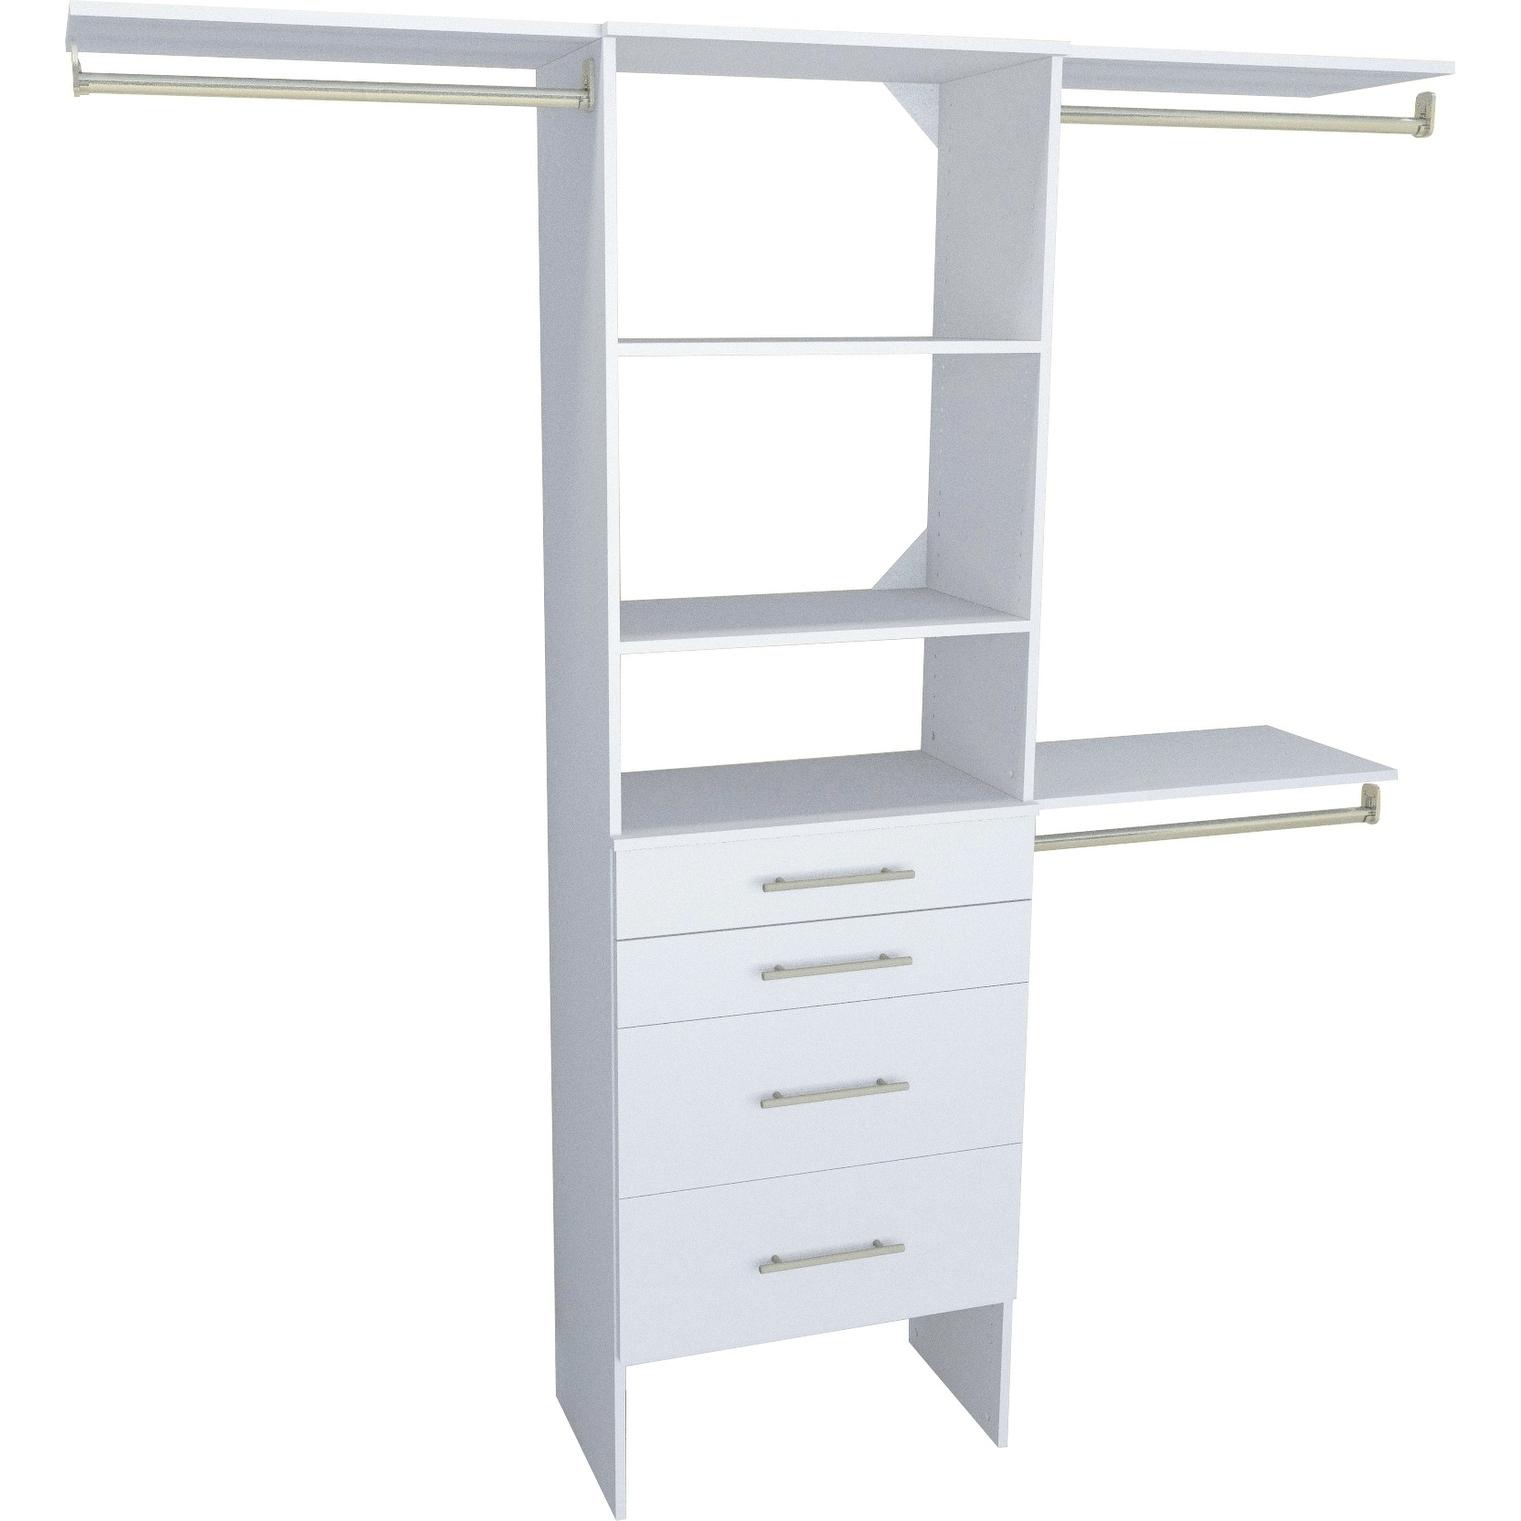 White Closet Organizers Systems Online At Our Best Storage Organization Deals